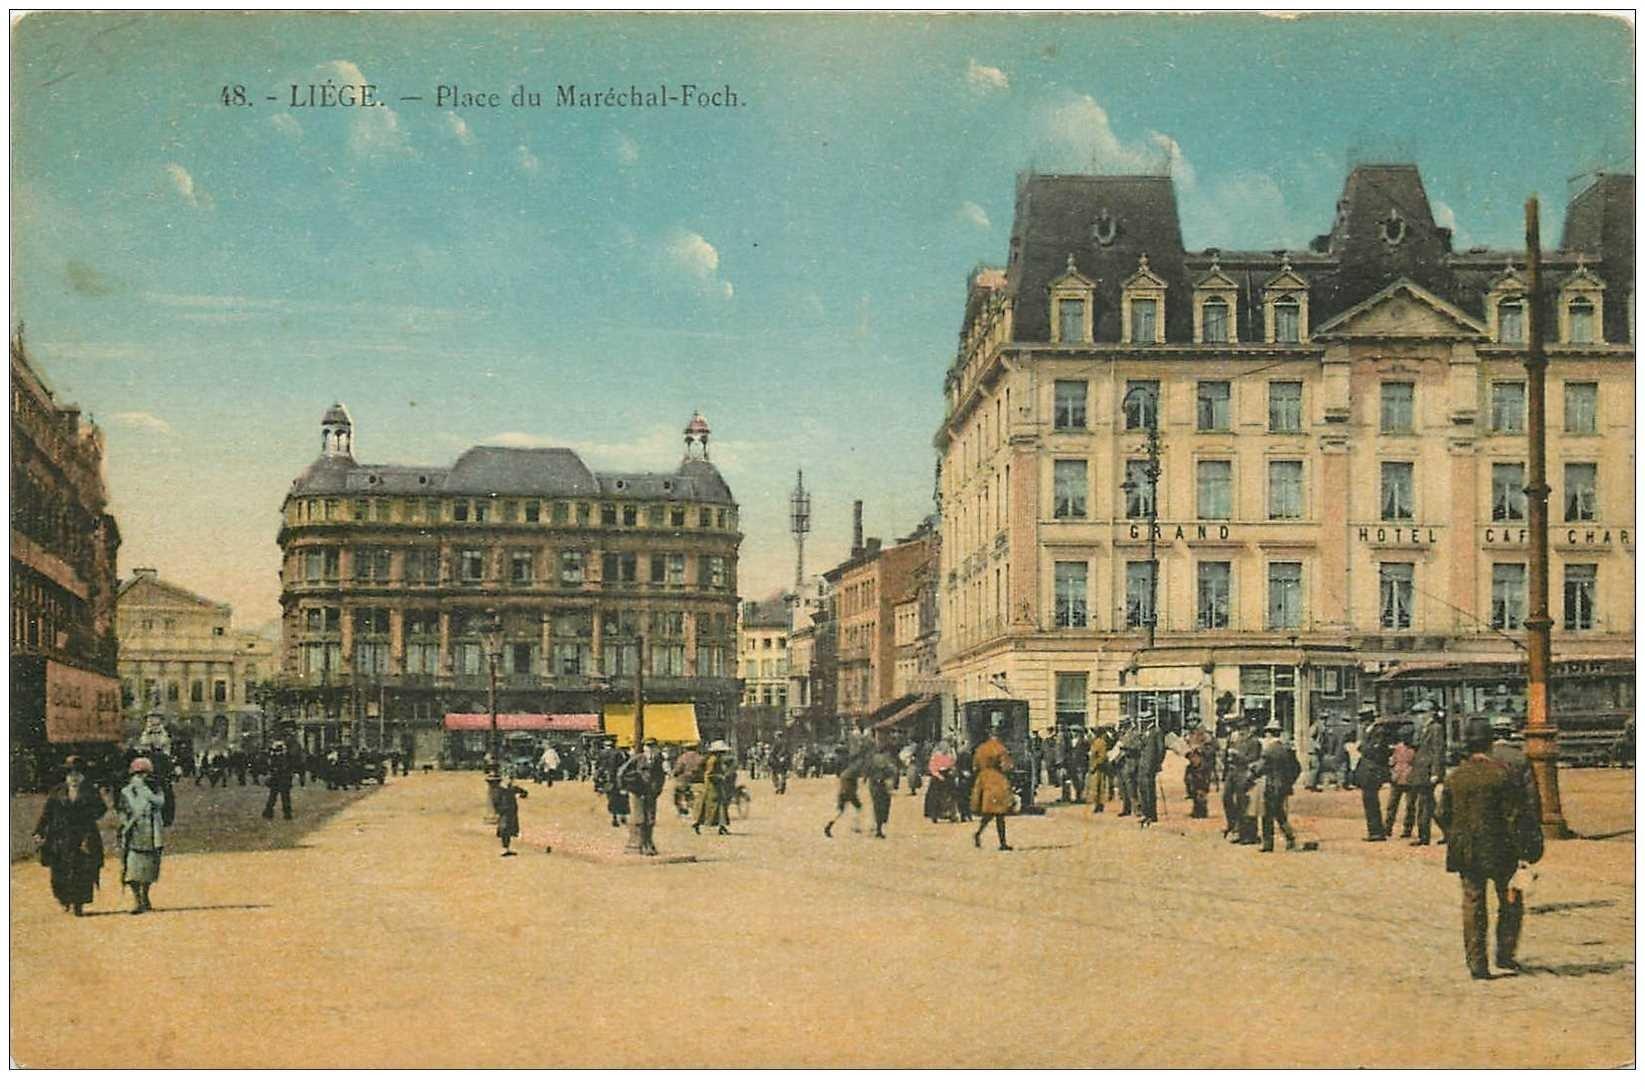 carte postale ancienne LIEGE. Place du Maréchal Foch Grand Hôtel